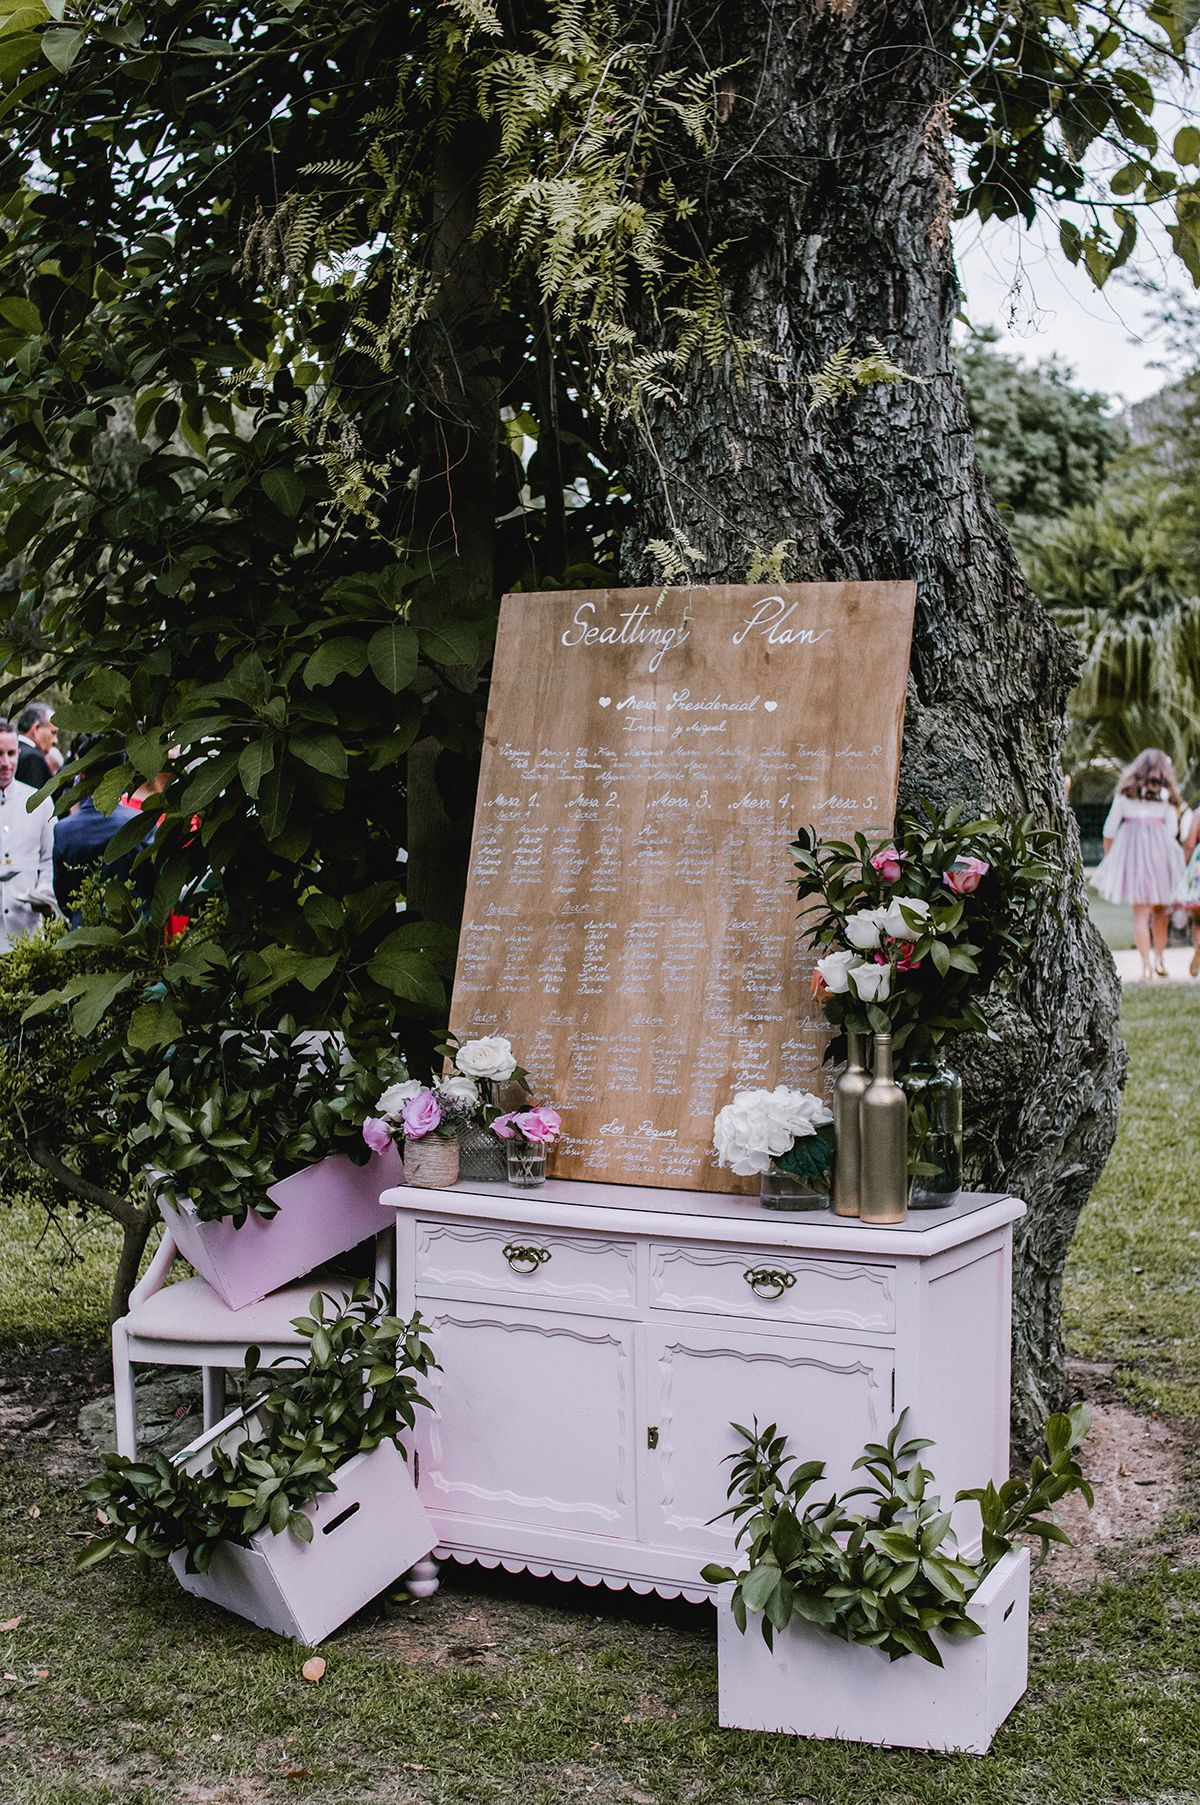 La boda de Inma Ruiz y Miguel Ángel Cordero en Jerez 17